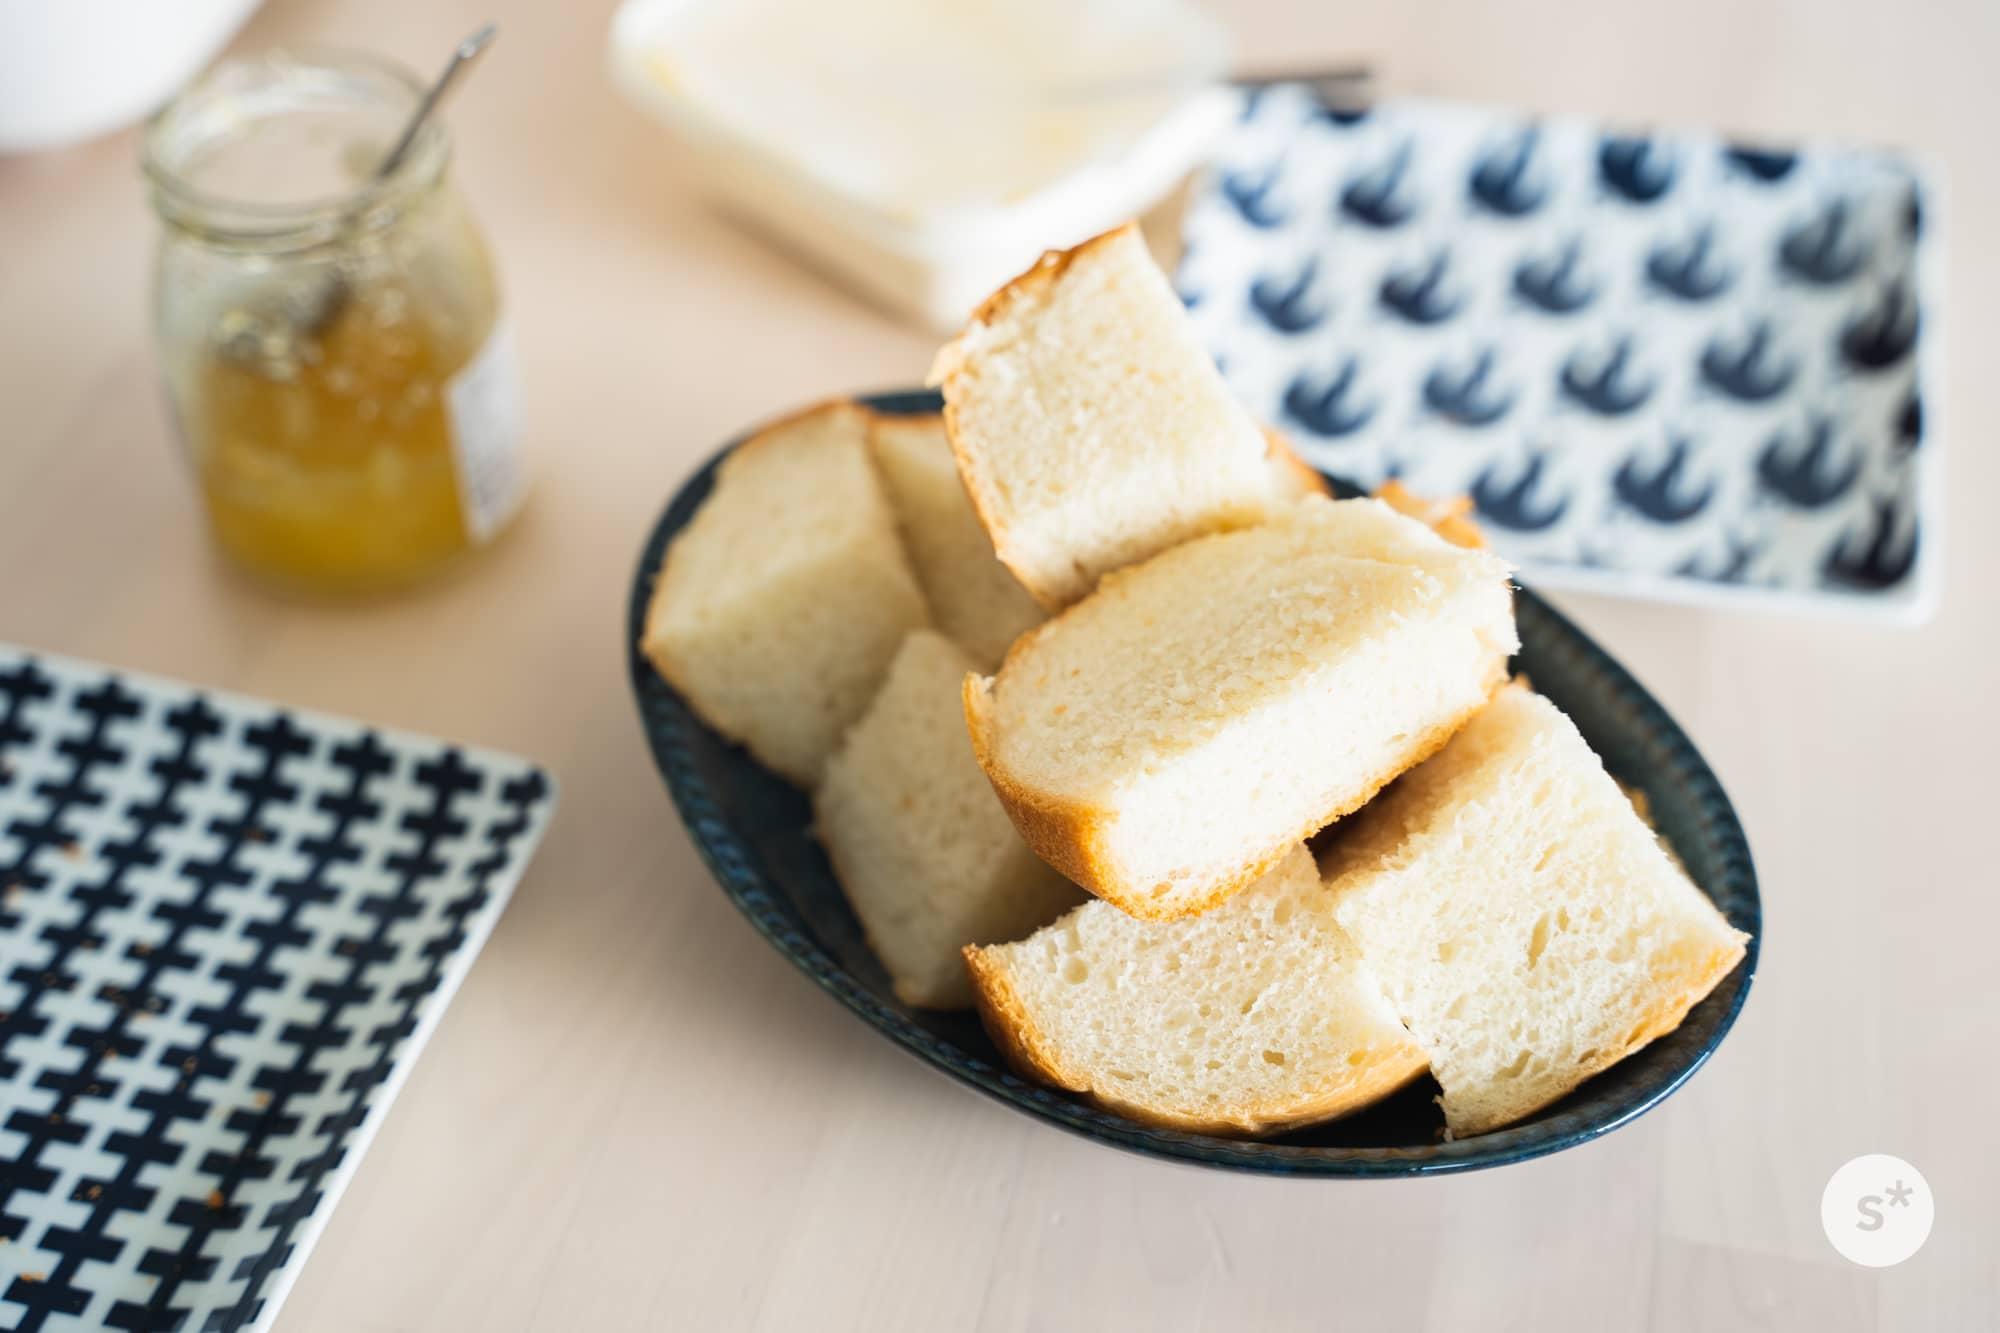 ふわふわの焼きたてパンにジャムをたっぷり塗って